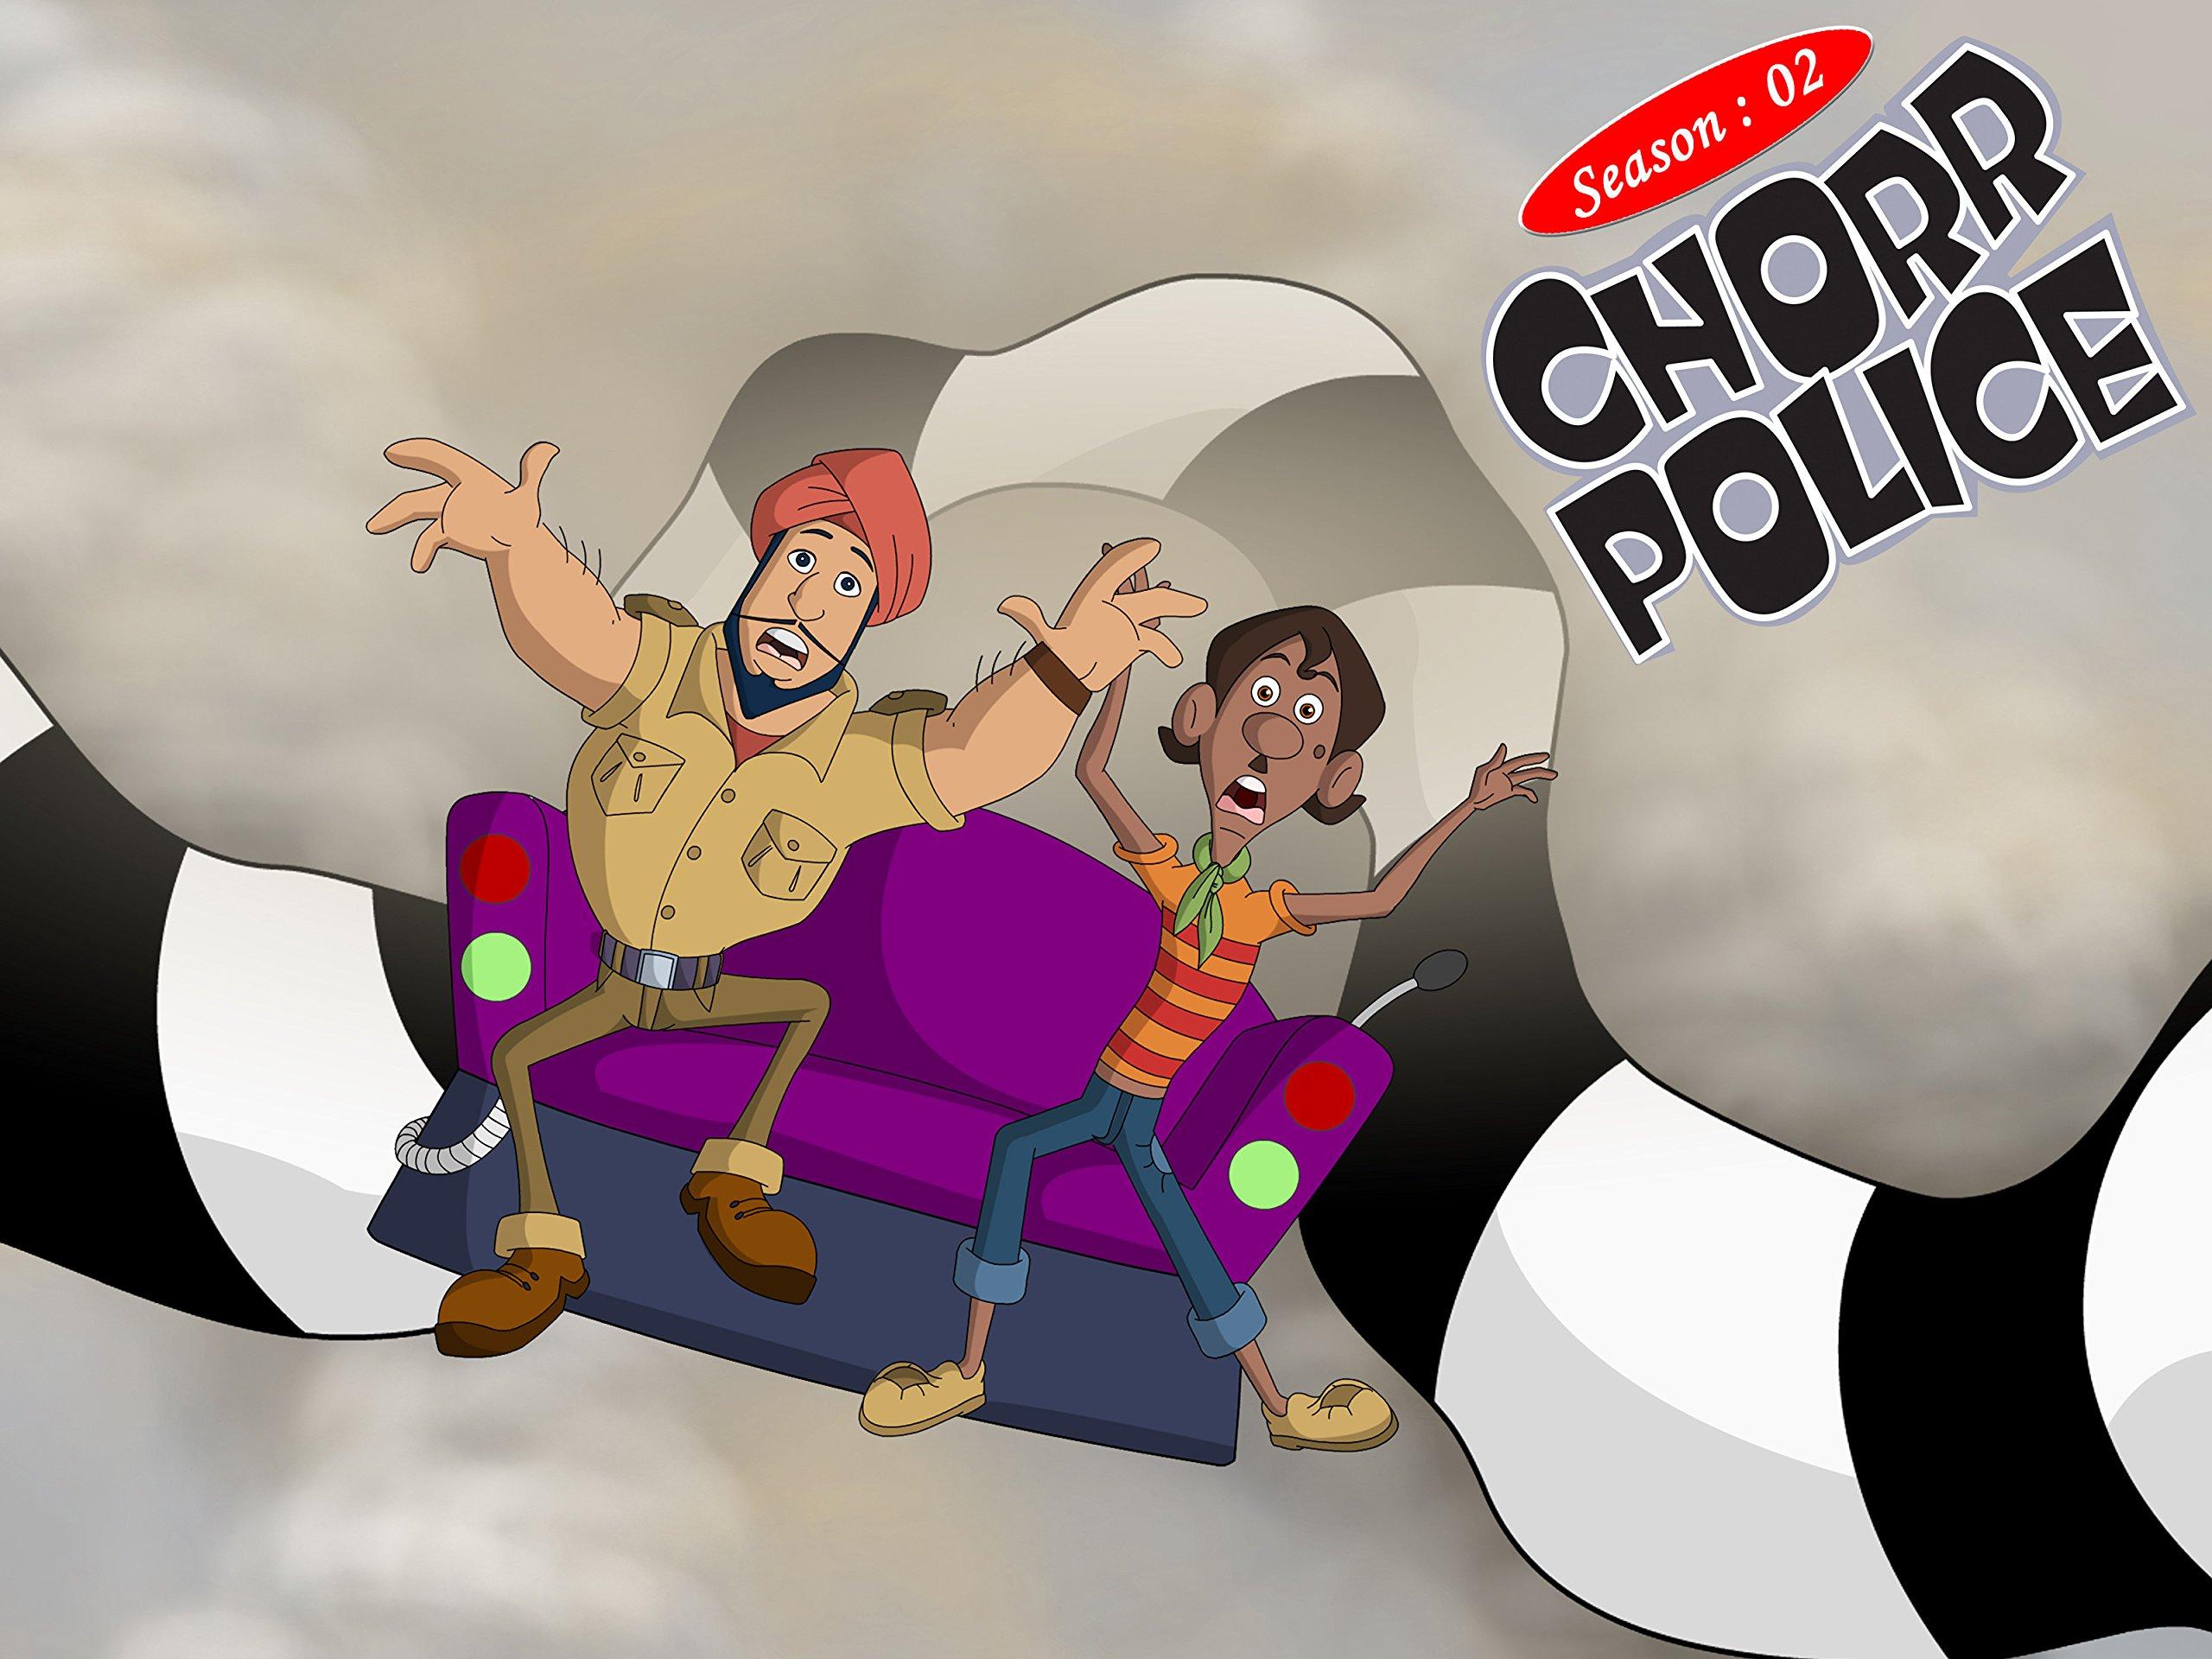 Chorr Police Season 02 - Season 2